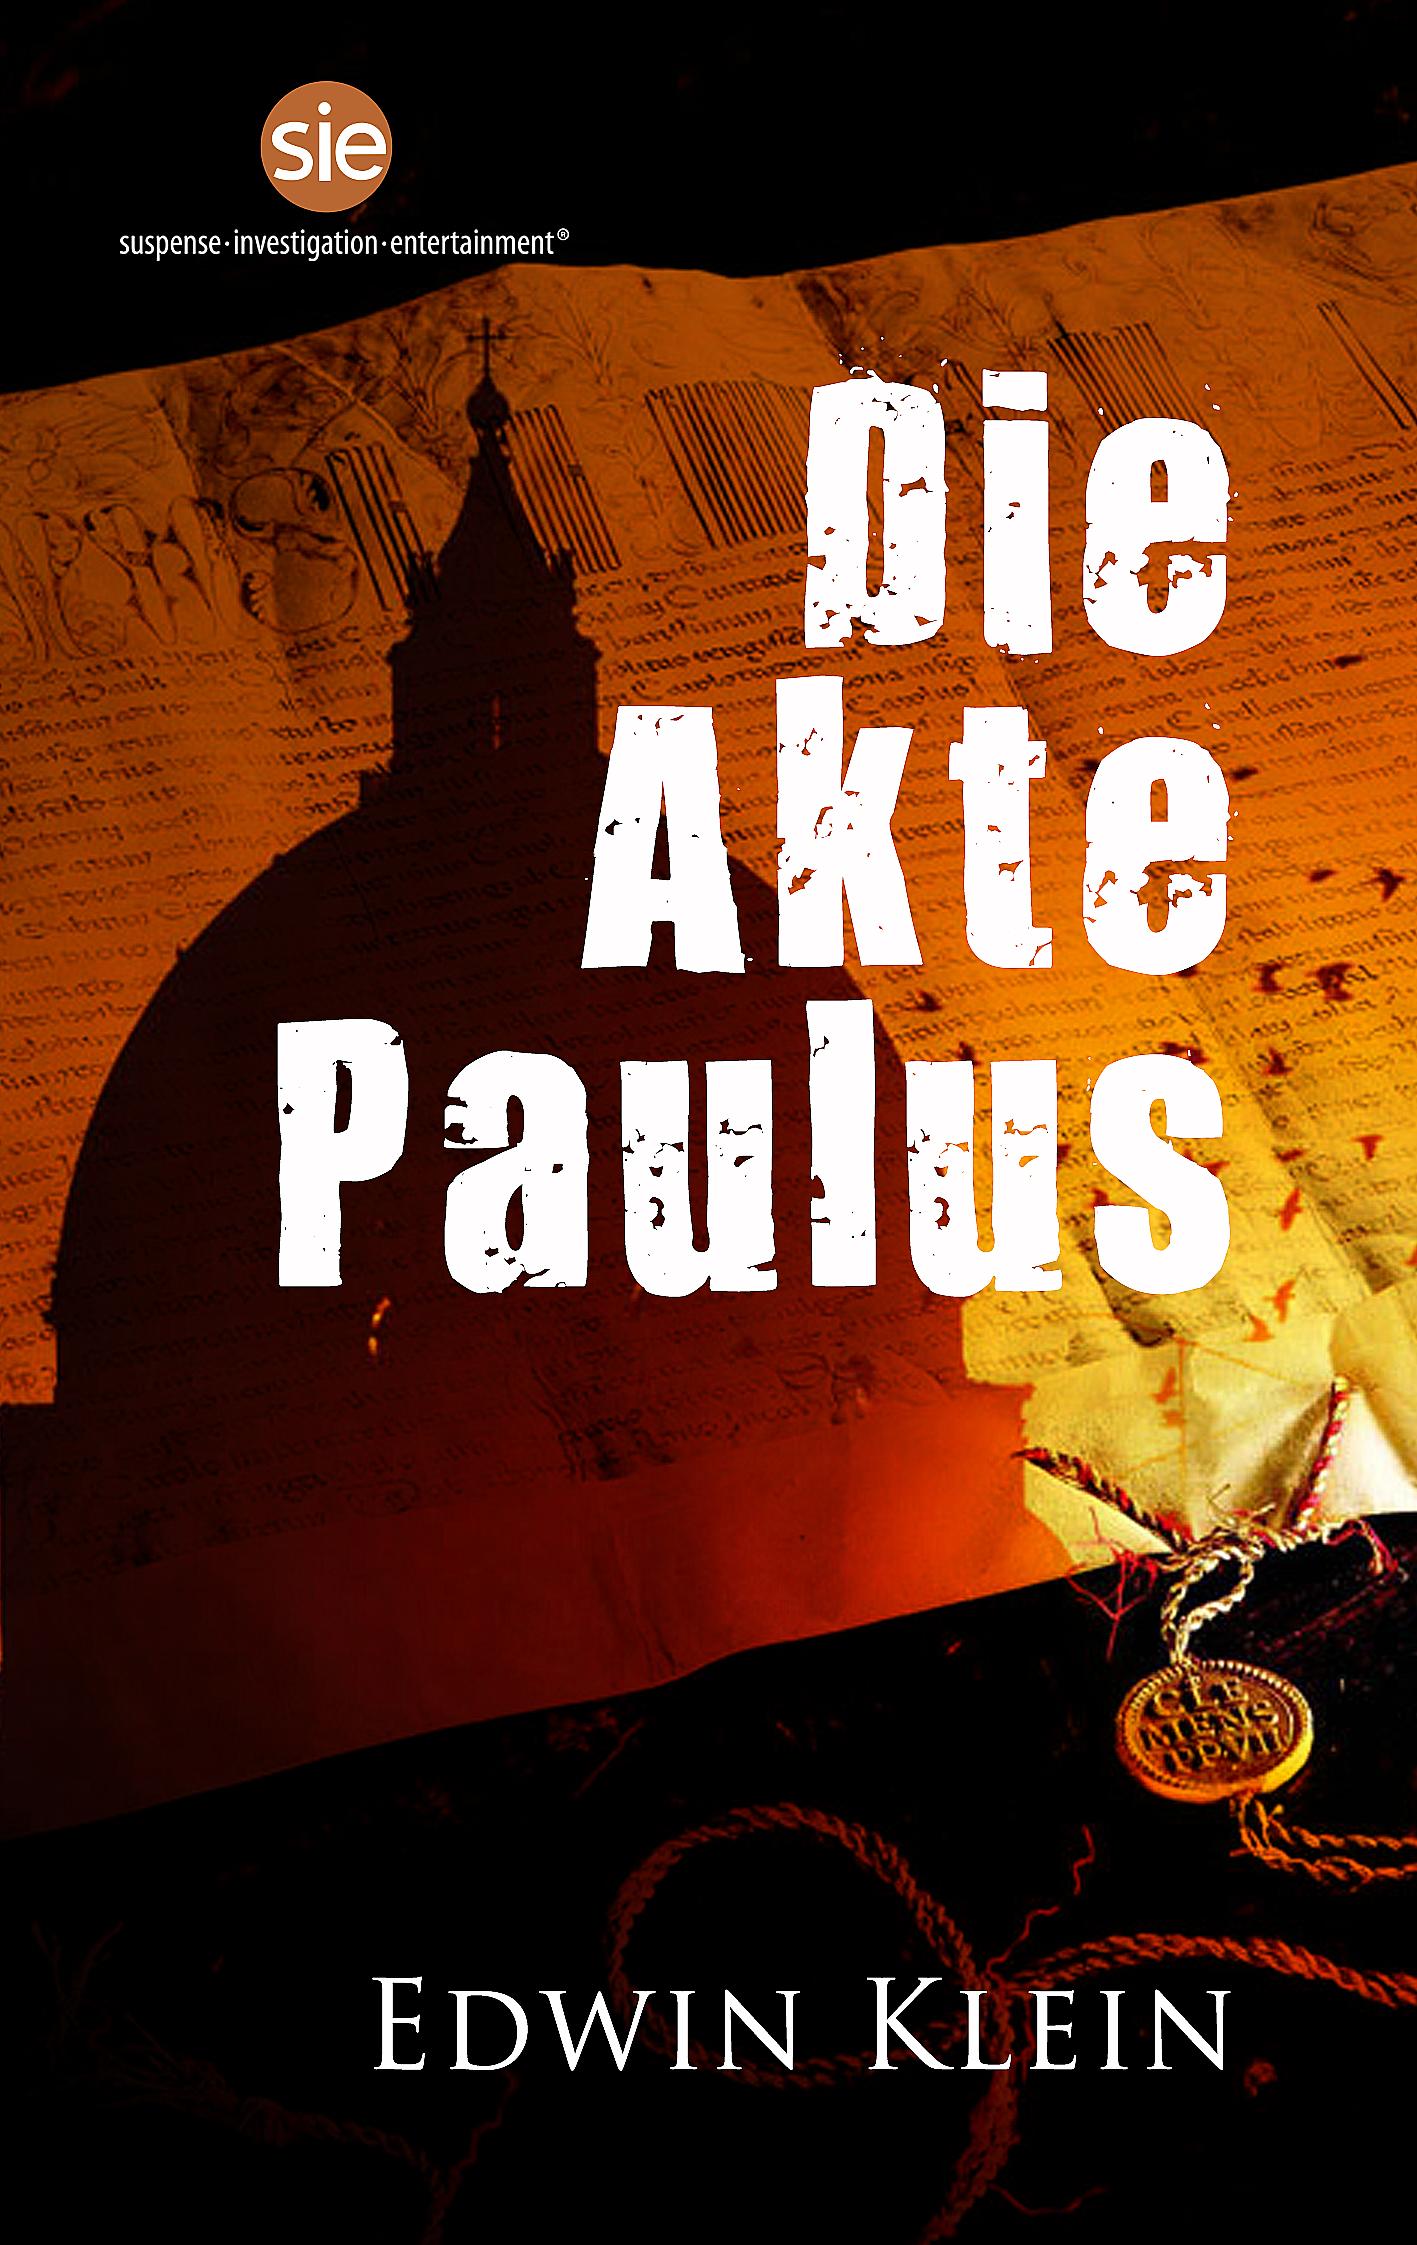 http://www.suedwestbuch.de/buecher/neuerscheinungen/item/die-akte-paulus